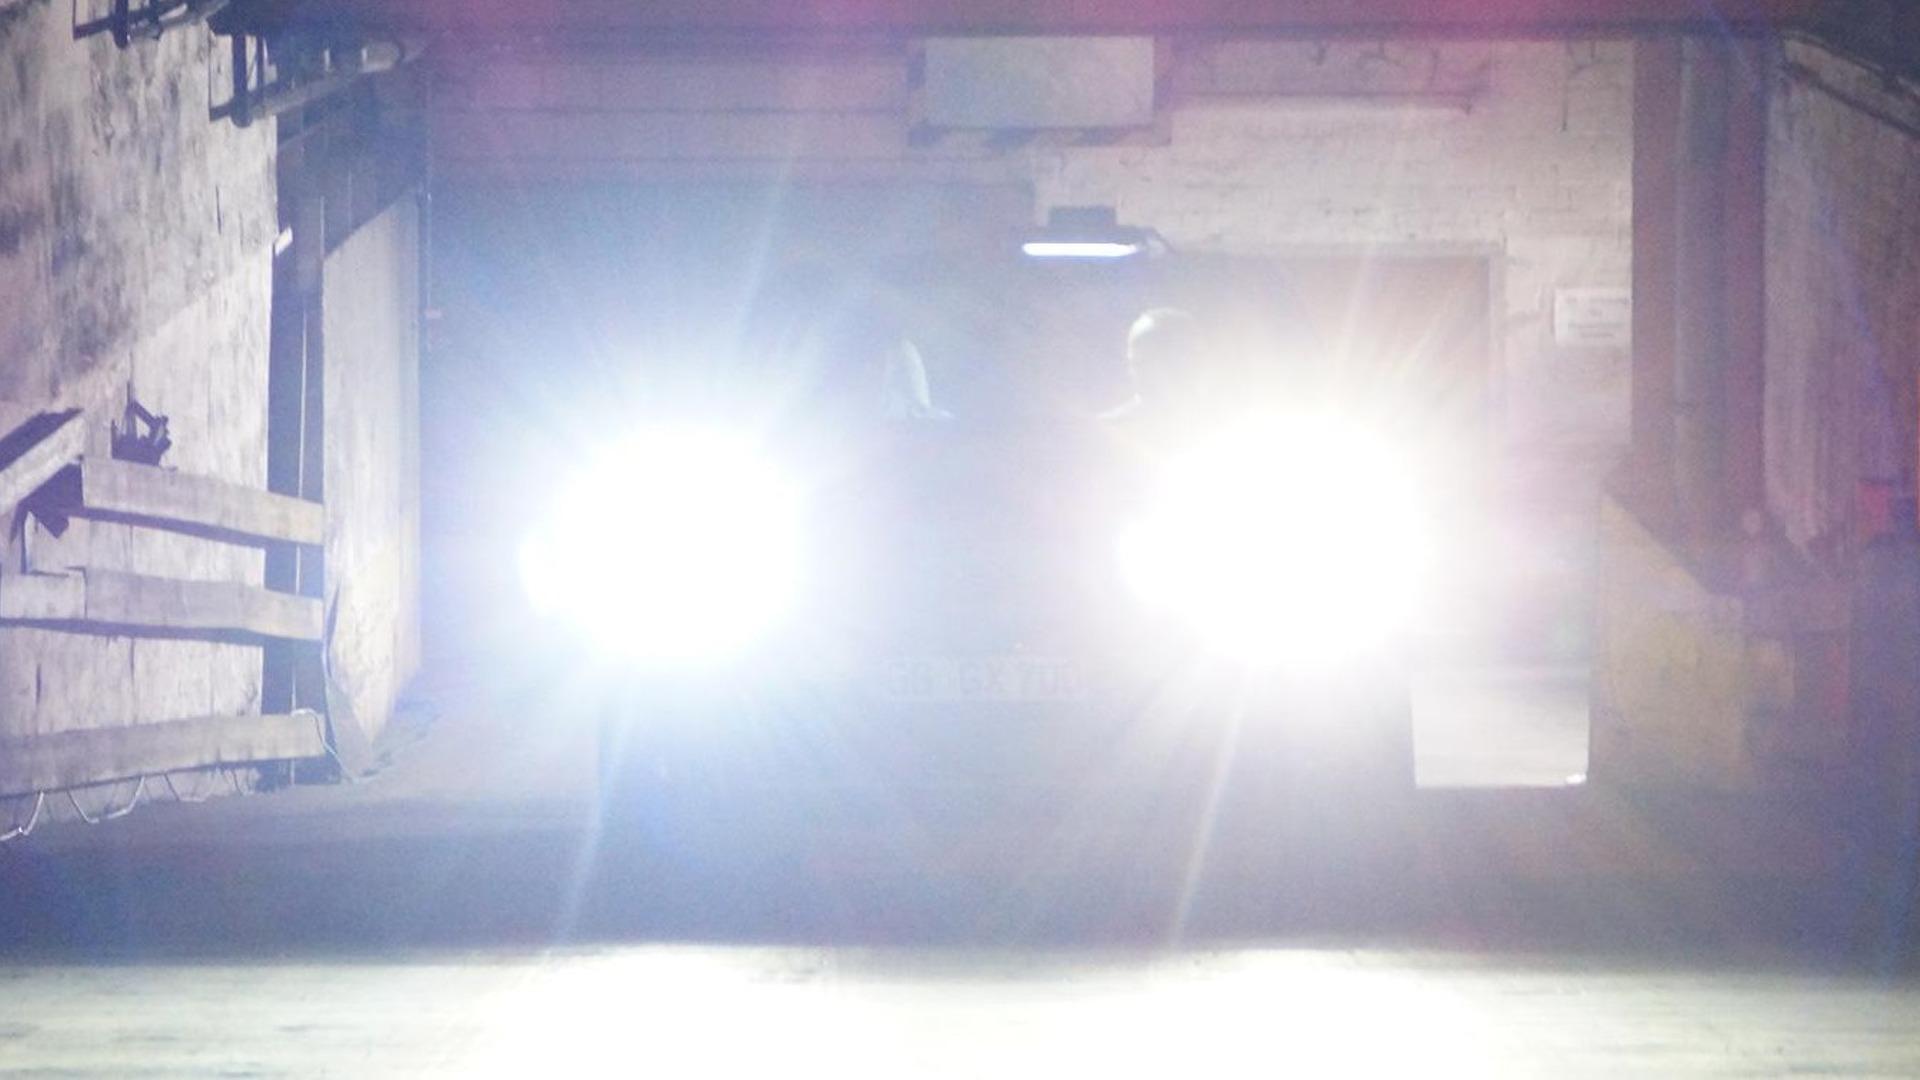 Šef Opela Nojman slikao Grandland X